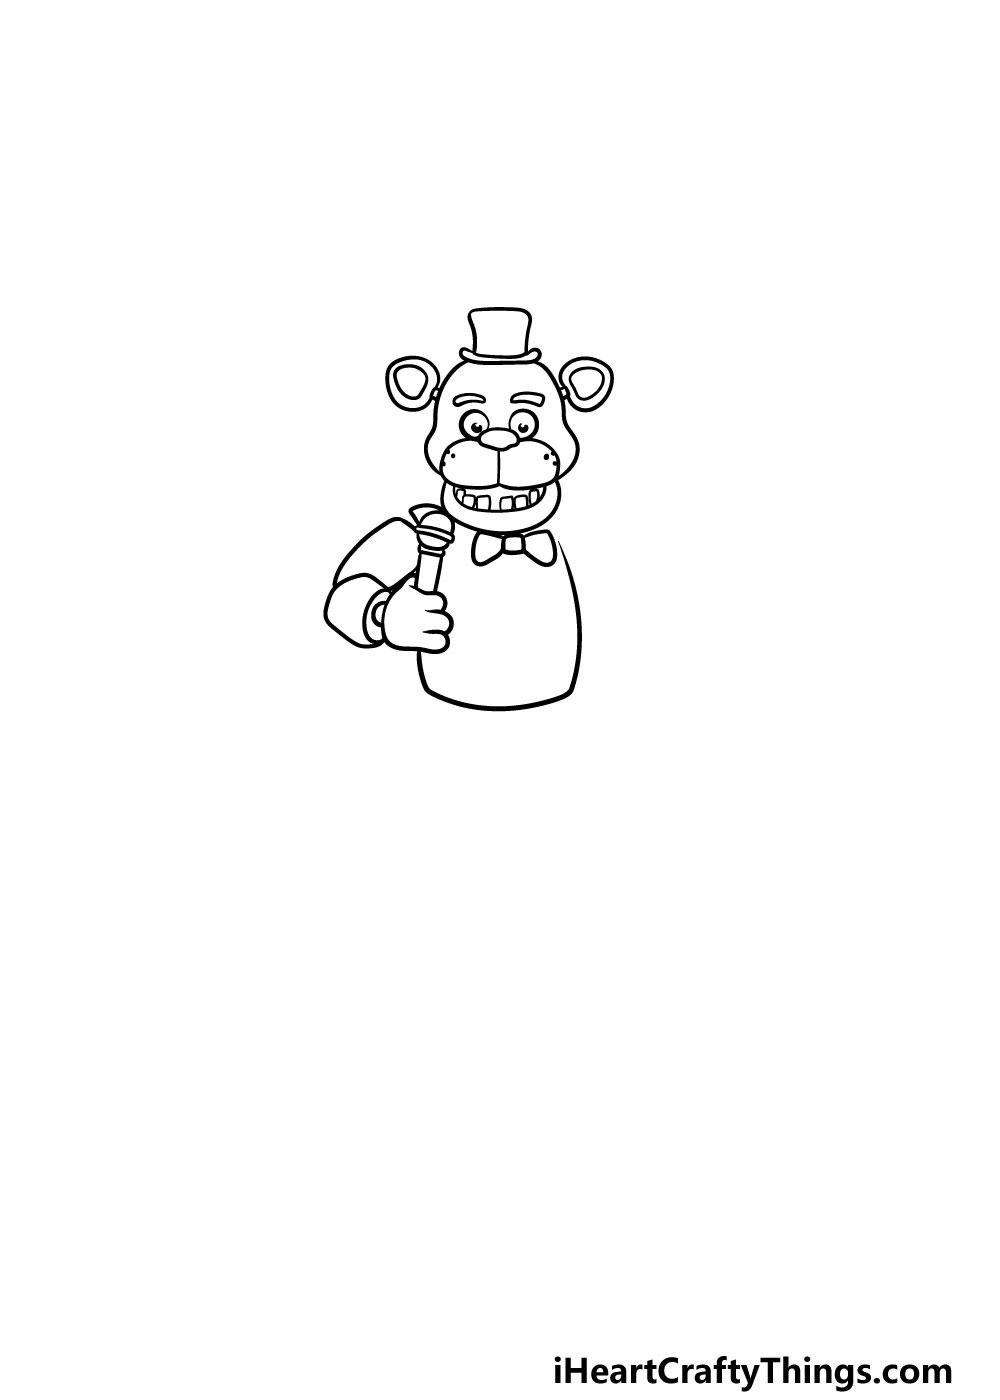 drawing Freddy Fazbear step 3